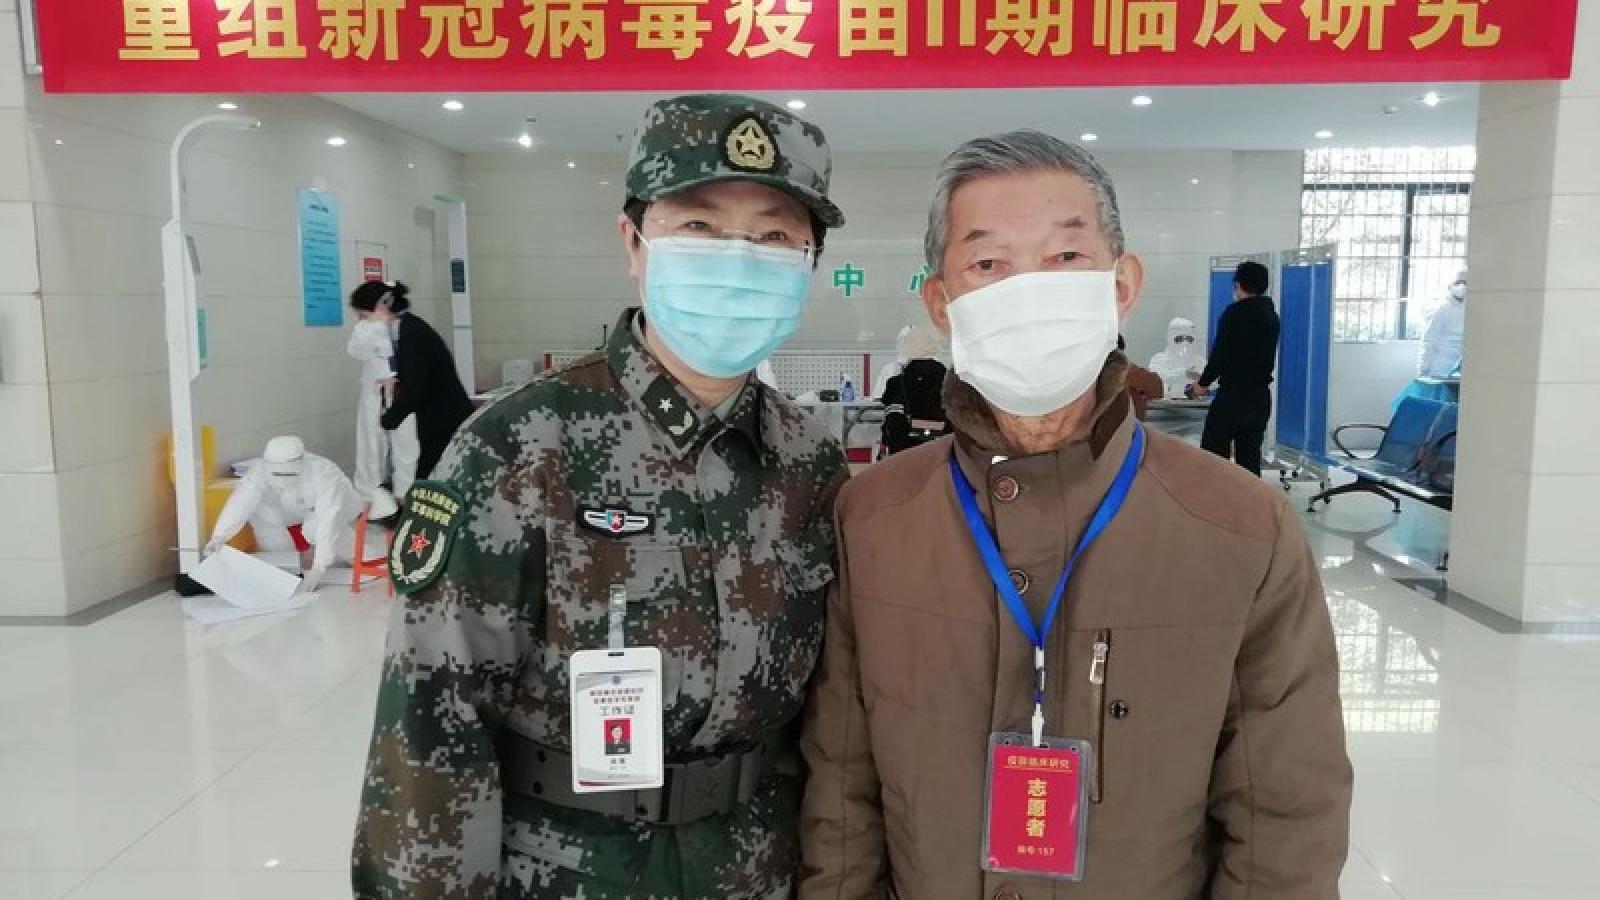 Trung Quốc, Nga sẽ triển khai chung thử nghiệm lâm sàng vaccine Covid-19?